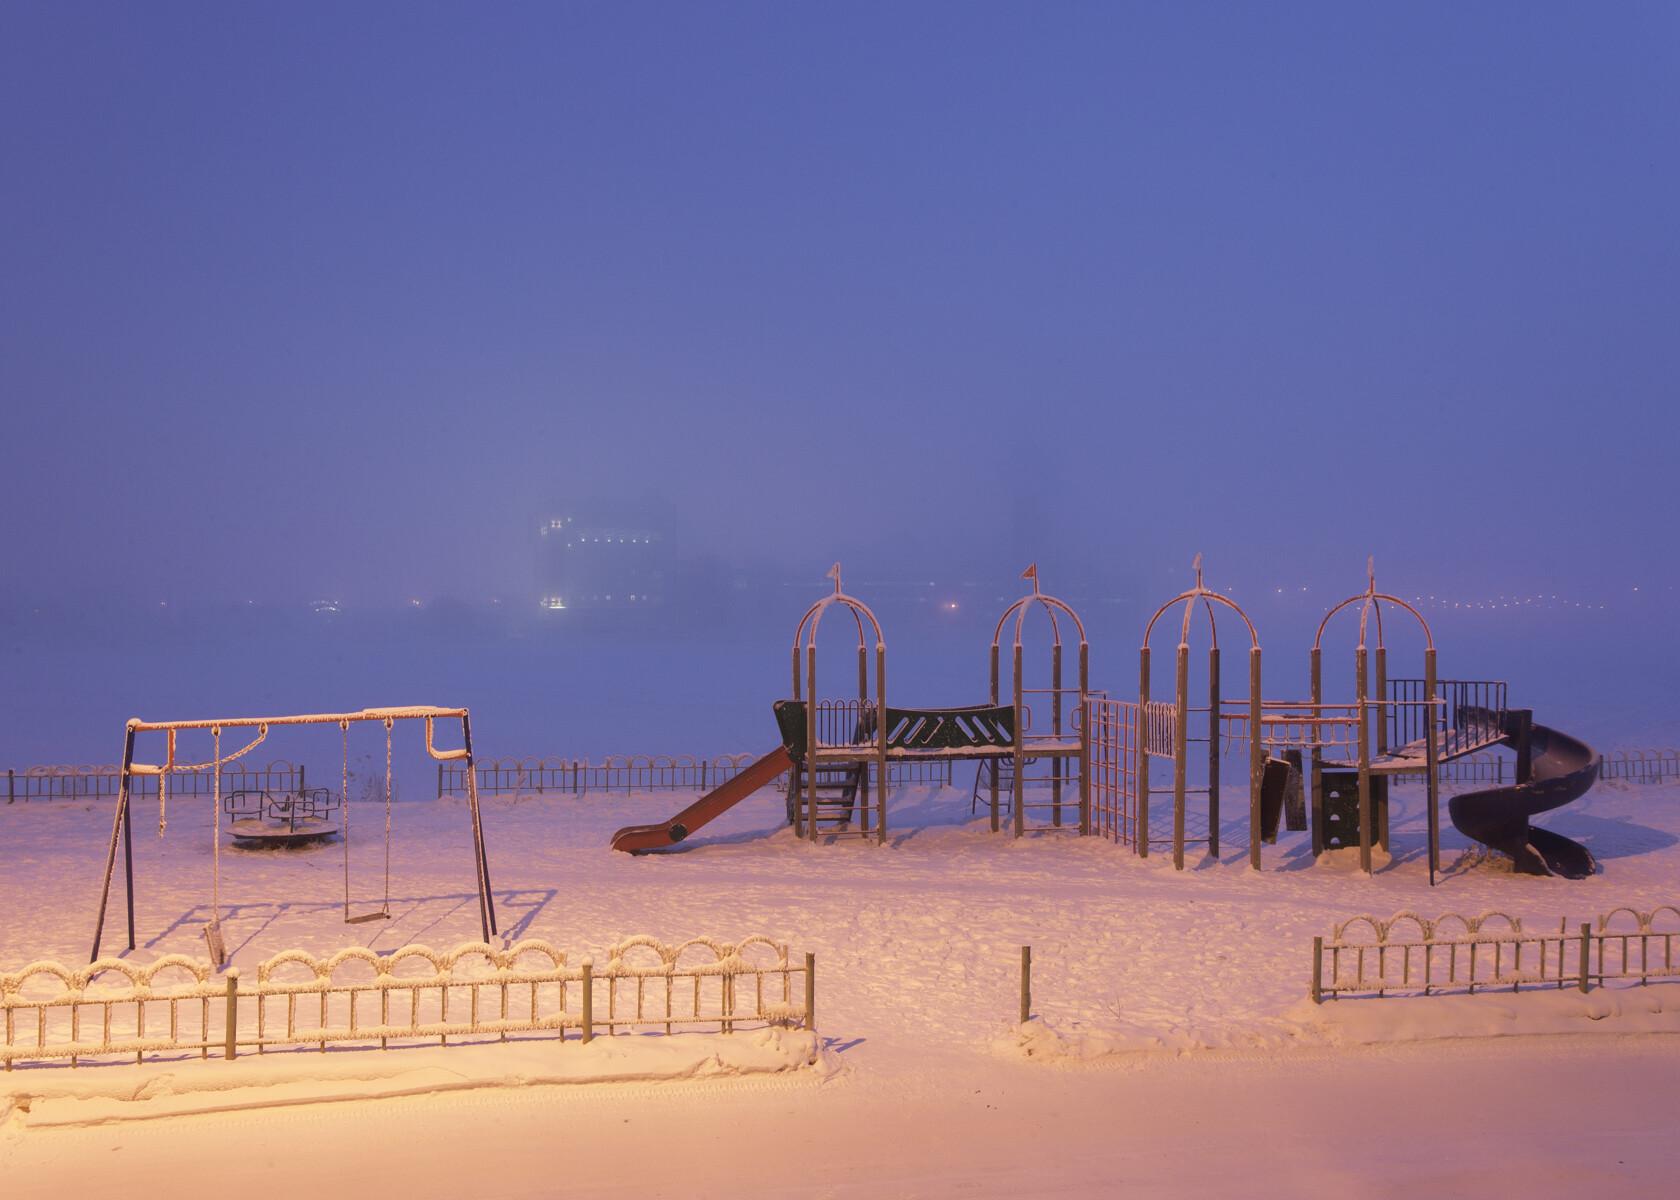 Детская площадка в Якутии. Фотограф Алексей Васильев